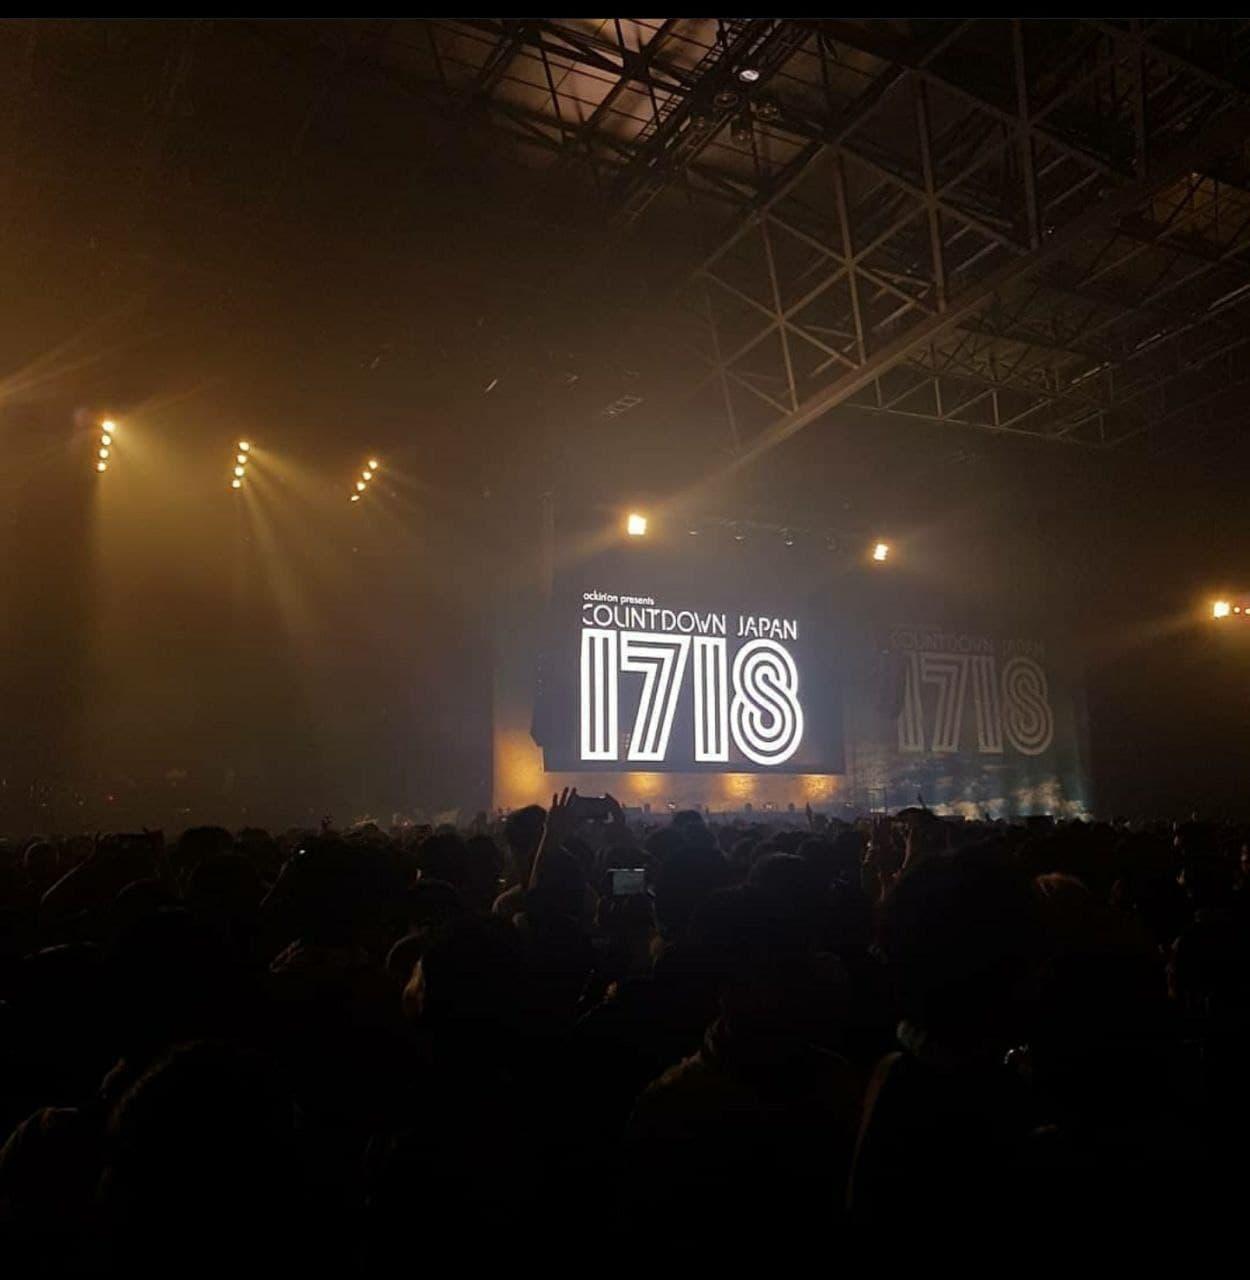 J-rock concert